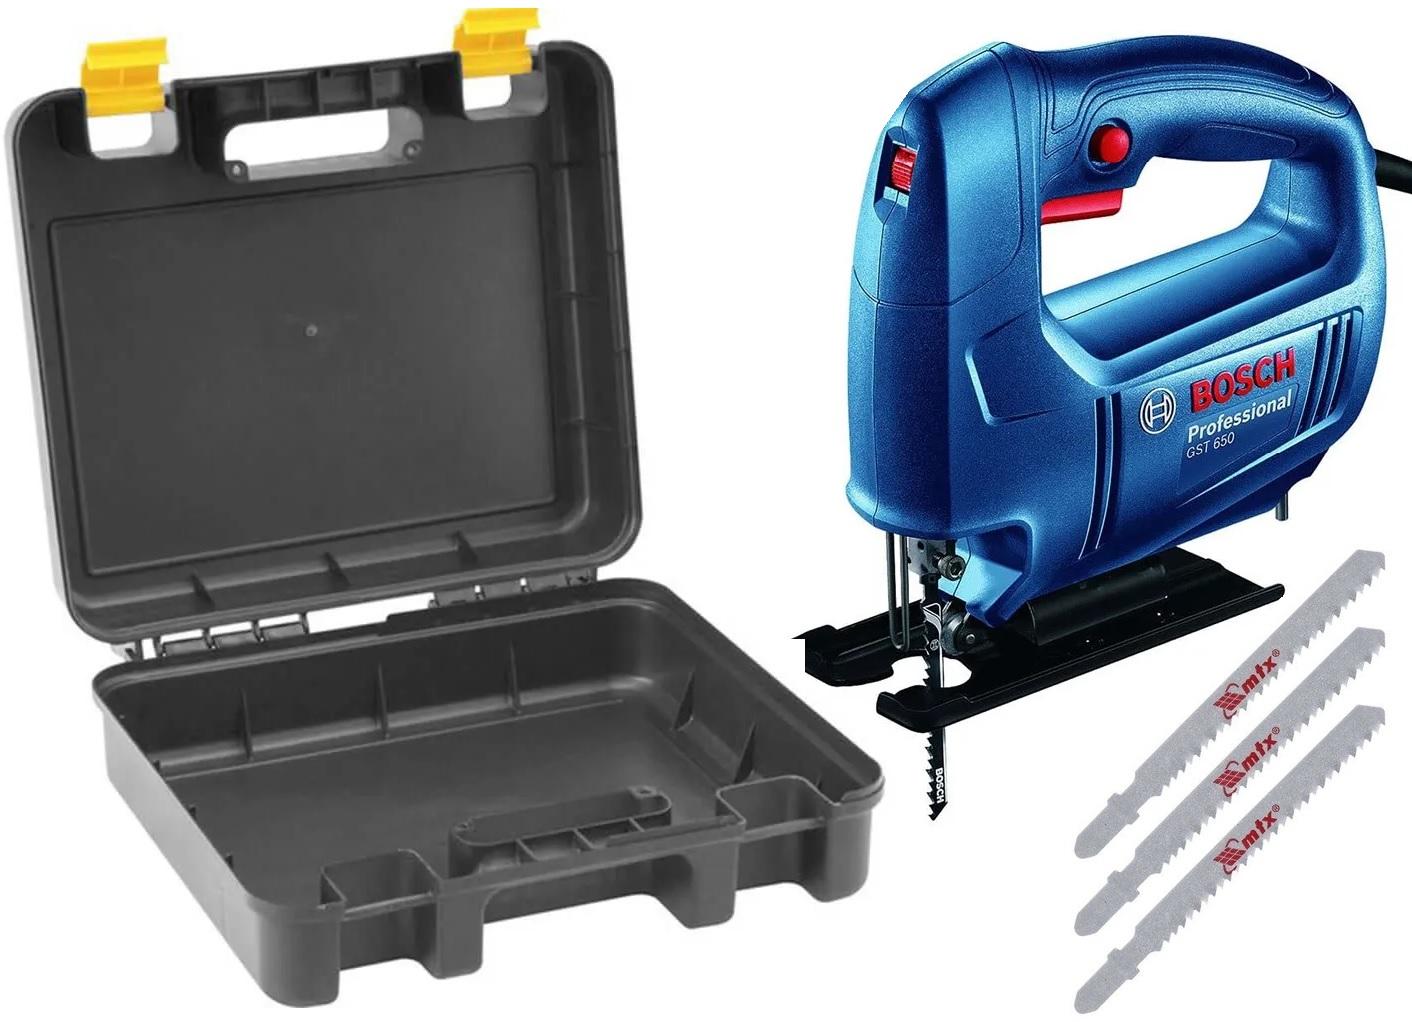 Serra Tico Tico Bosch GST 700 500W 220V com Caixa e Jogo de Laminas